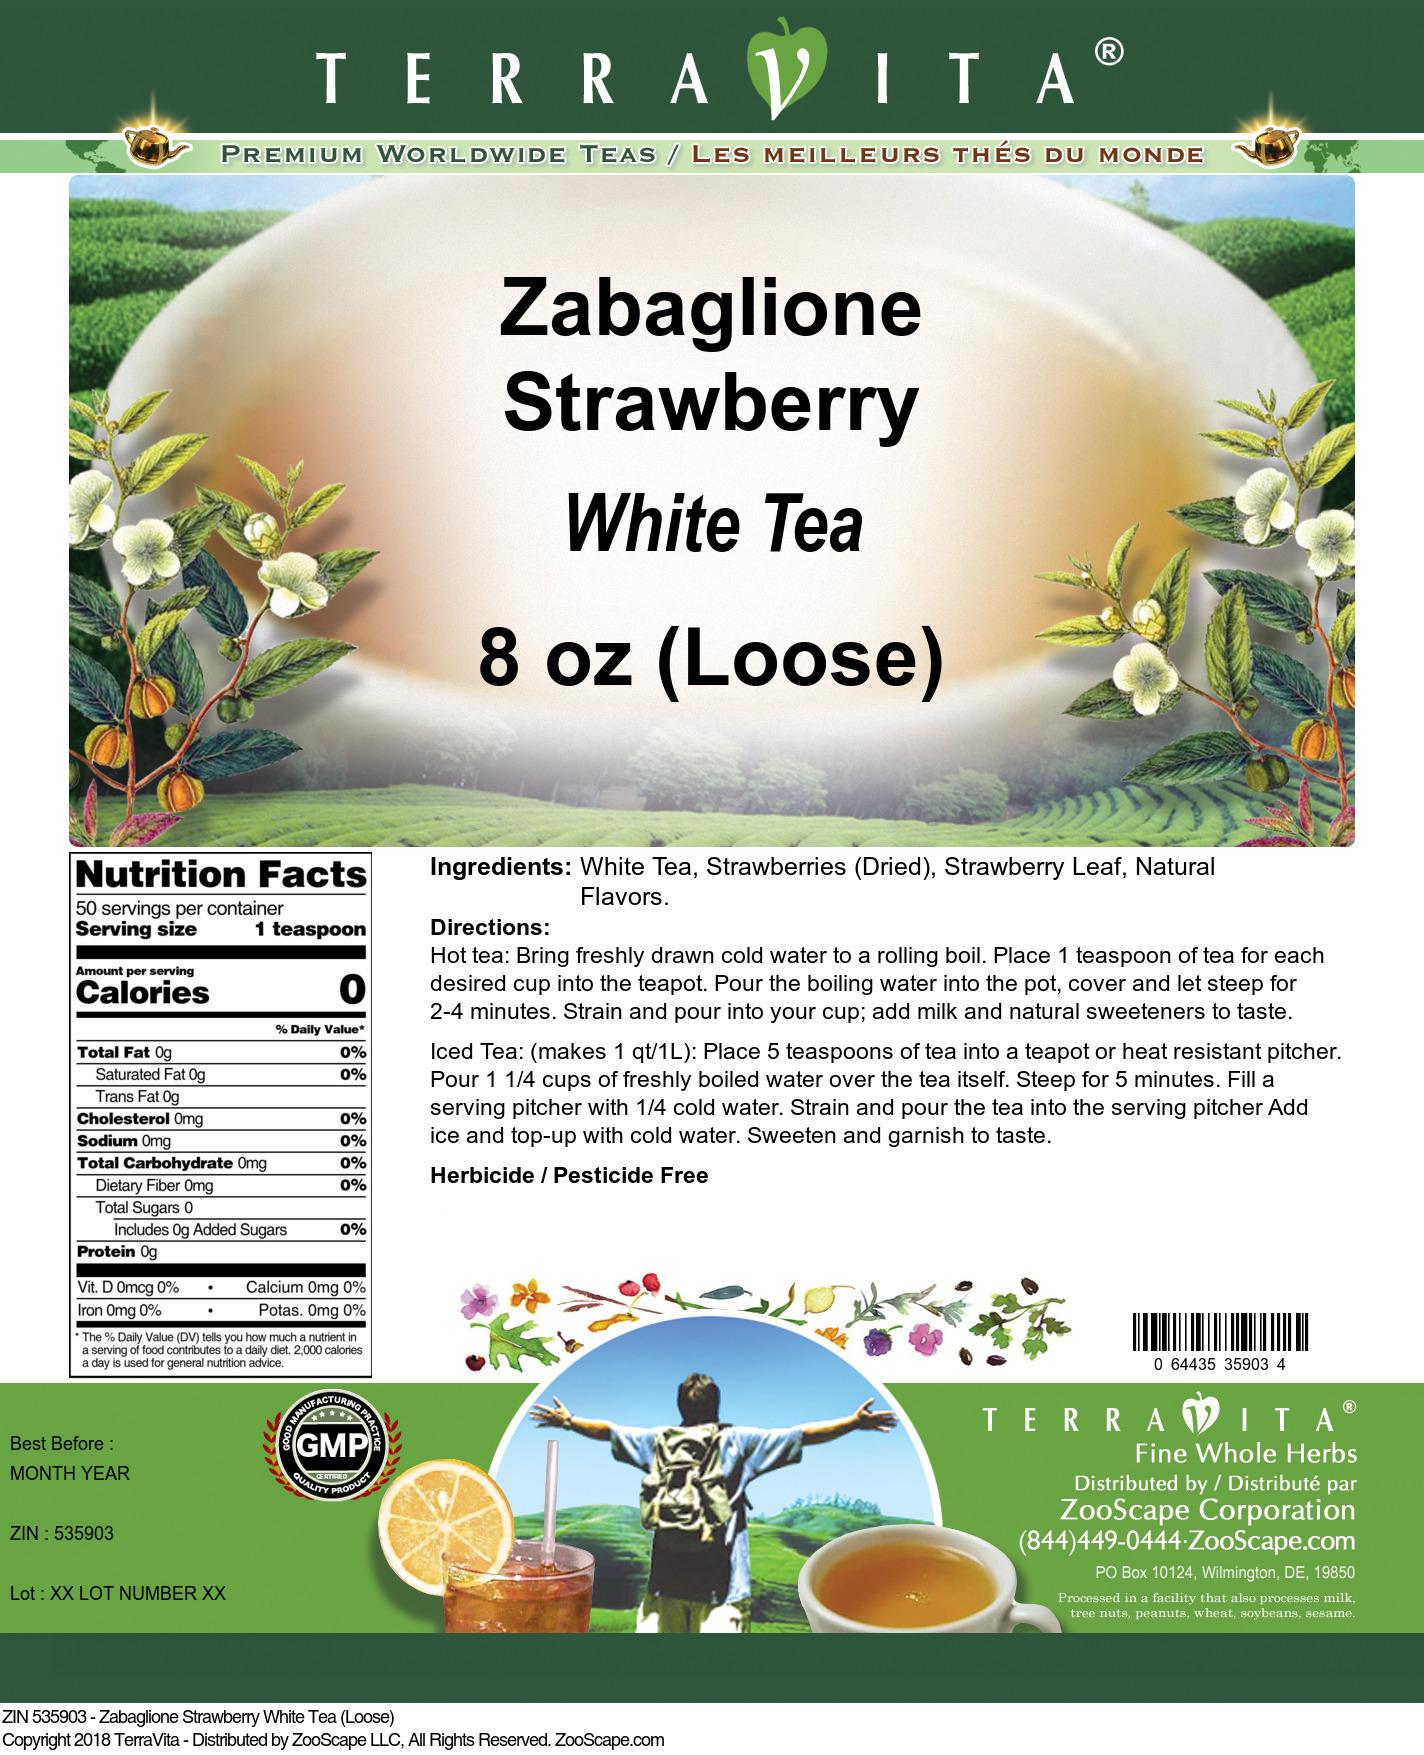 Zabaglione Strawberry White Tea (Loose)